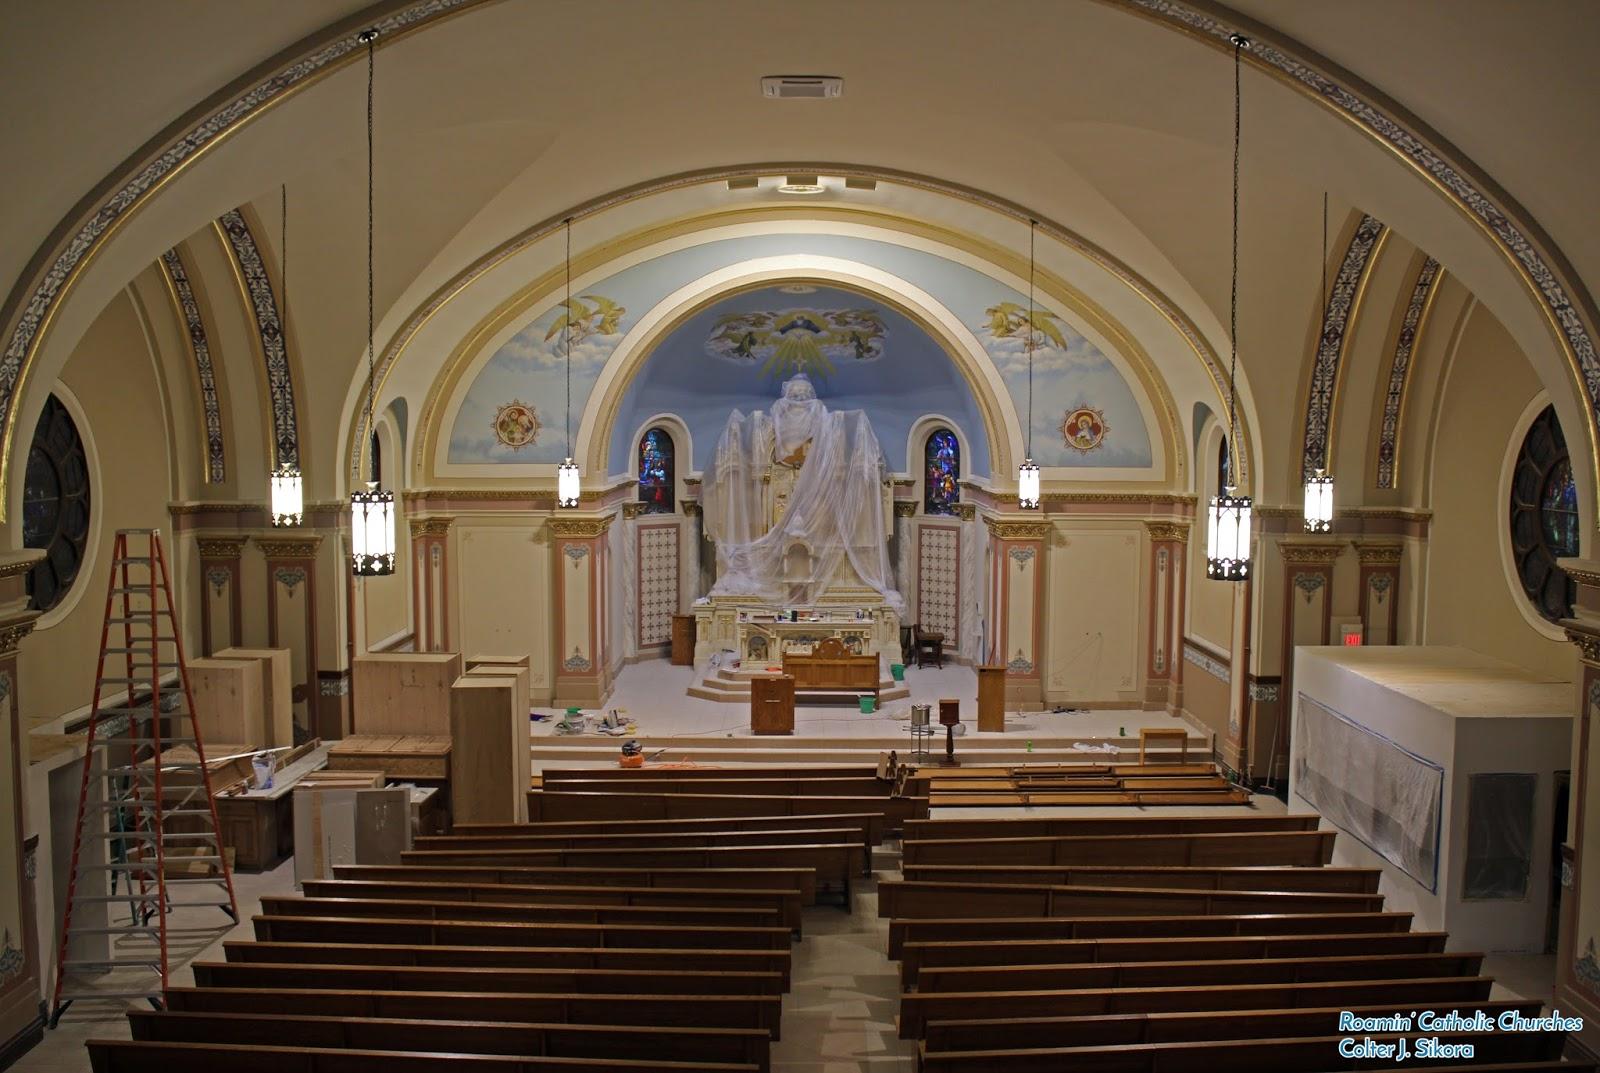 Roamin Catholic Churches Sunday